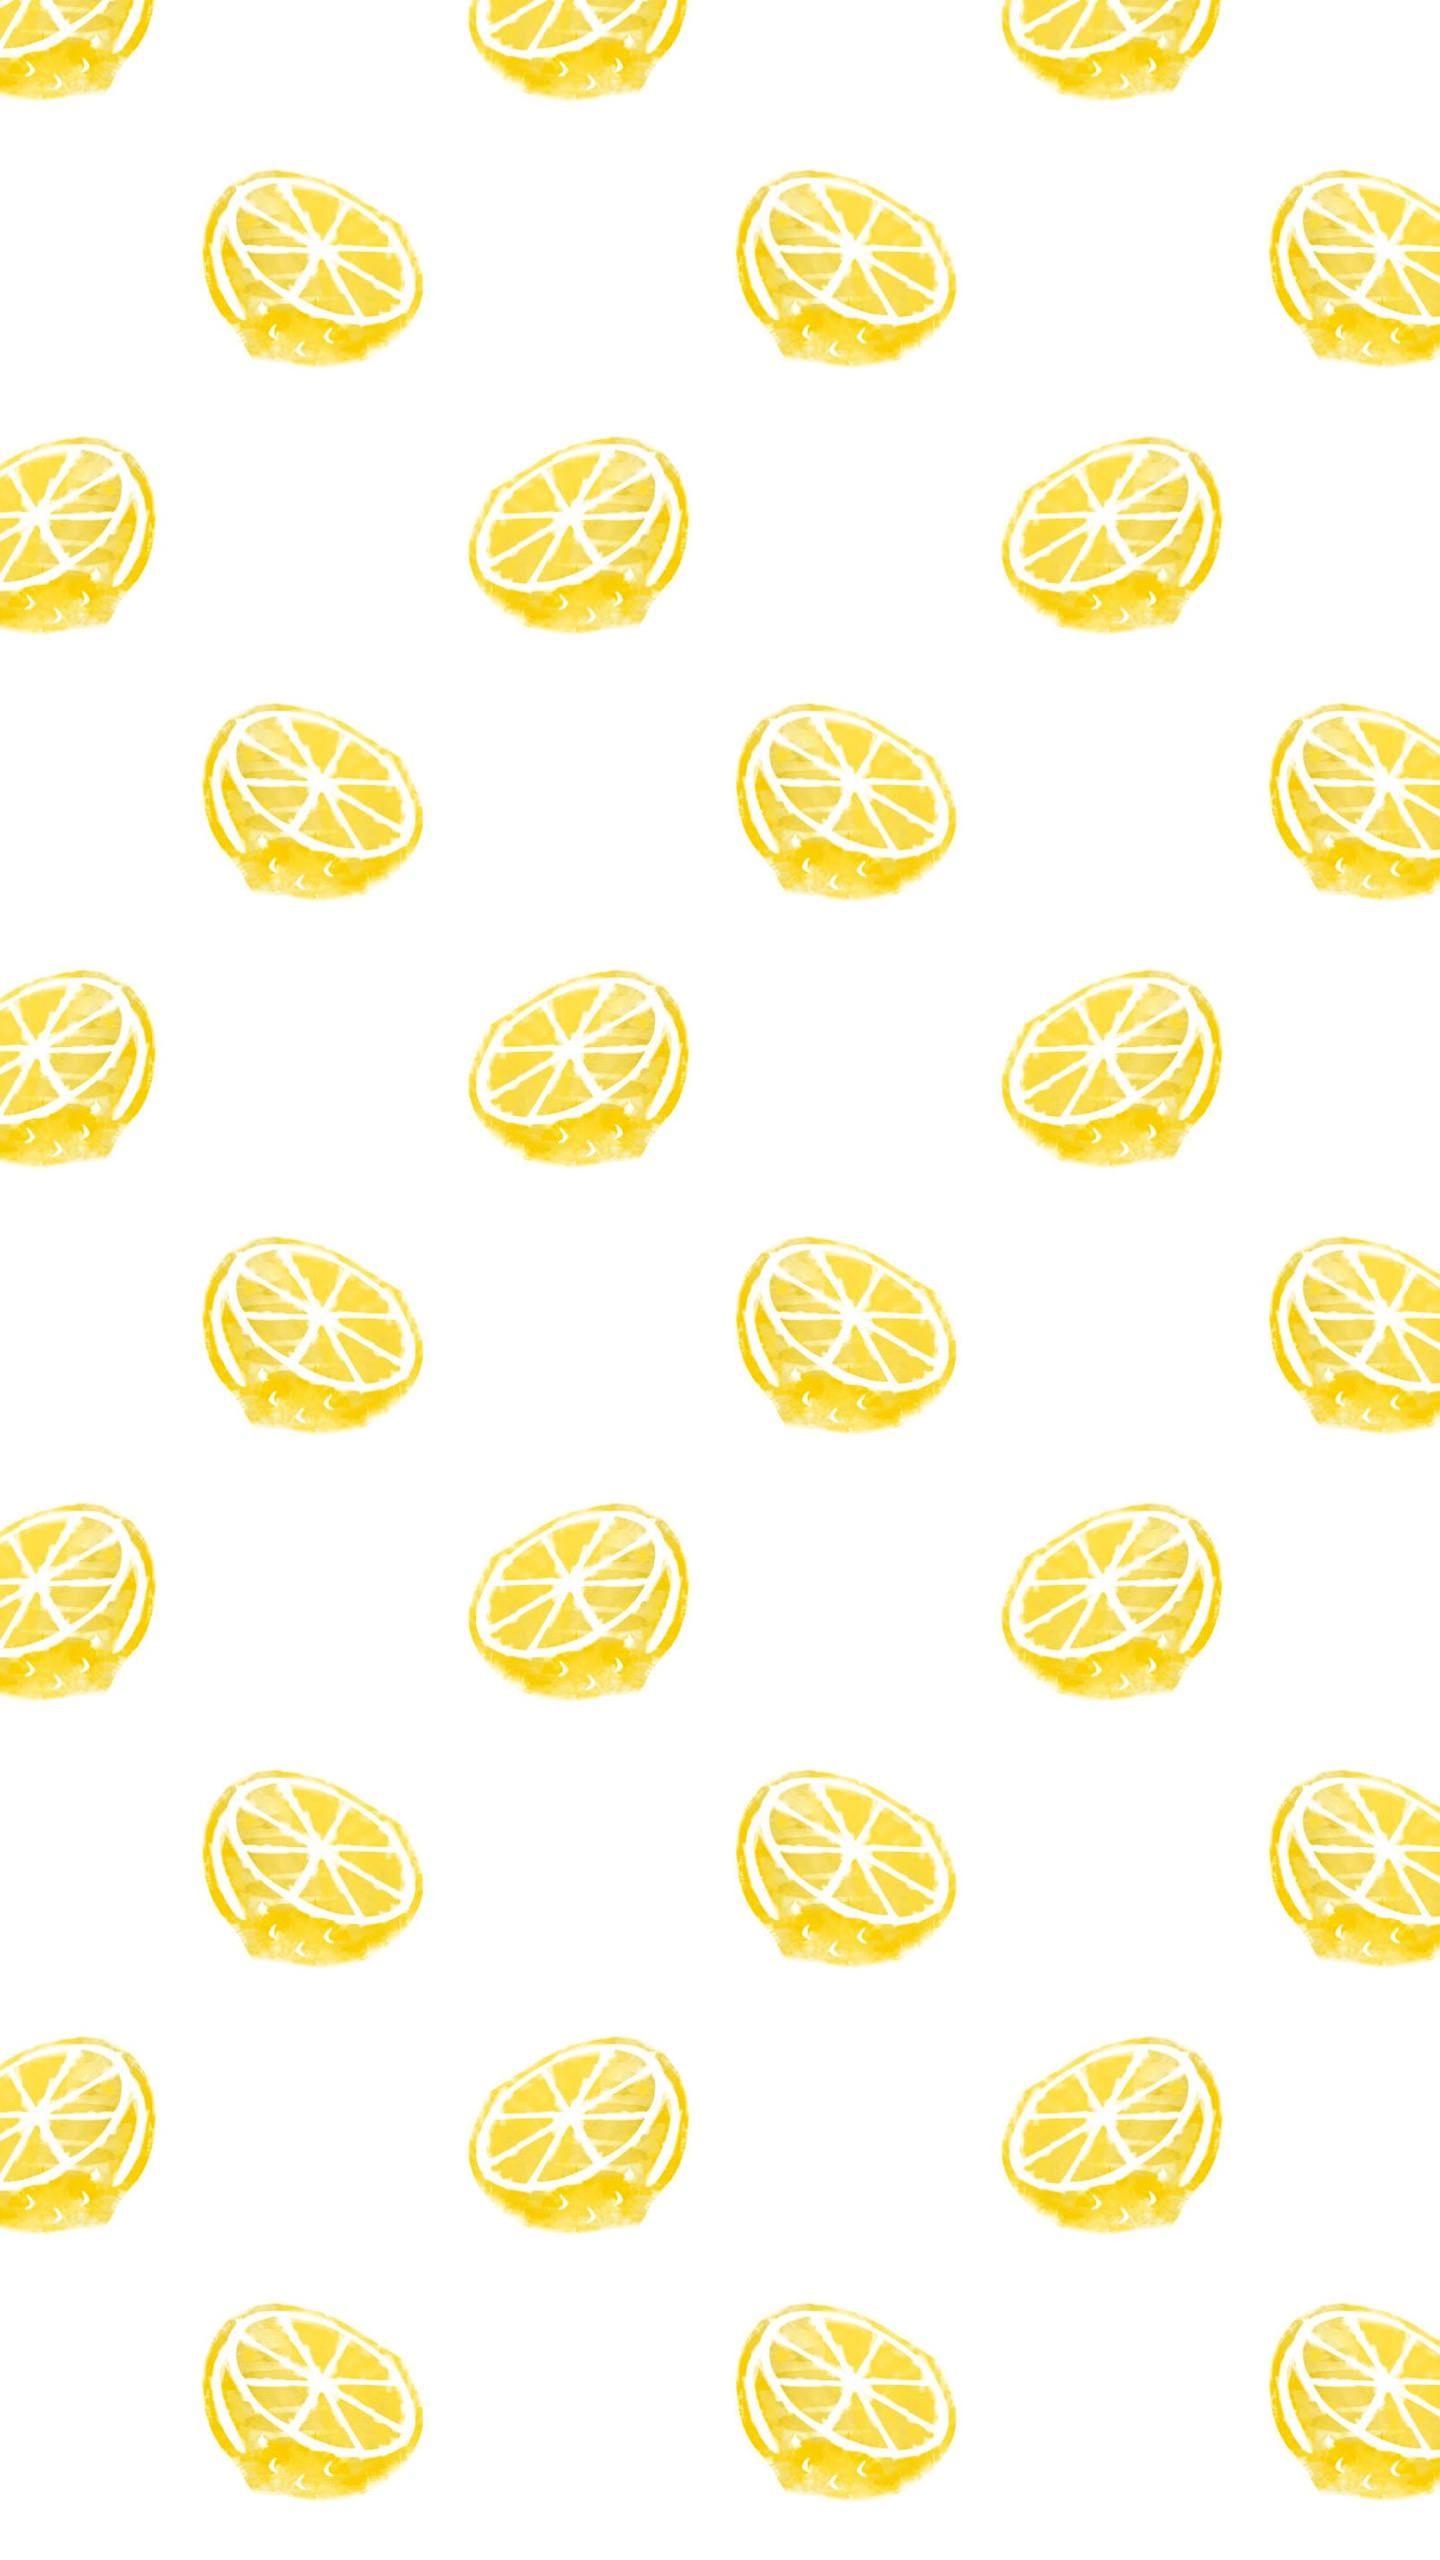 スマホquadhd壁紙 黄色 壁紙 フルーツ イラスト 壁紙